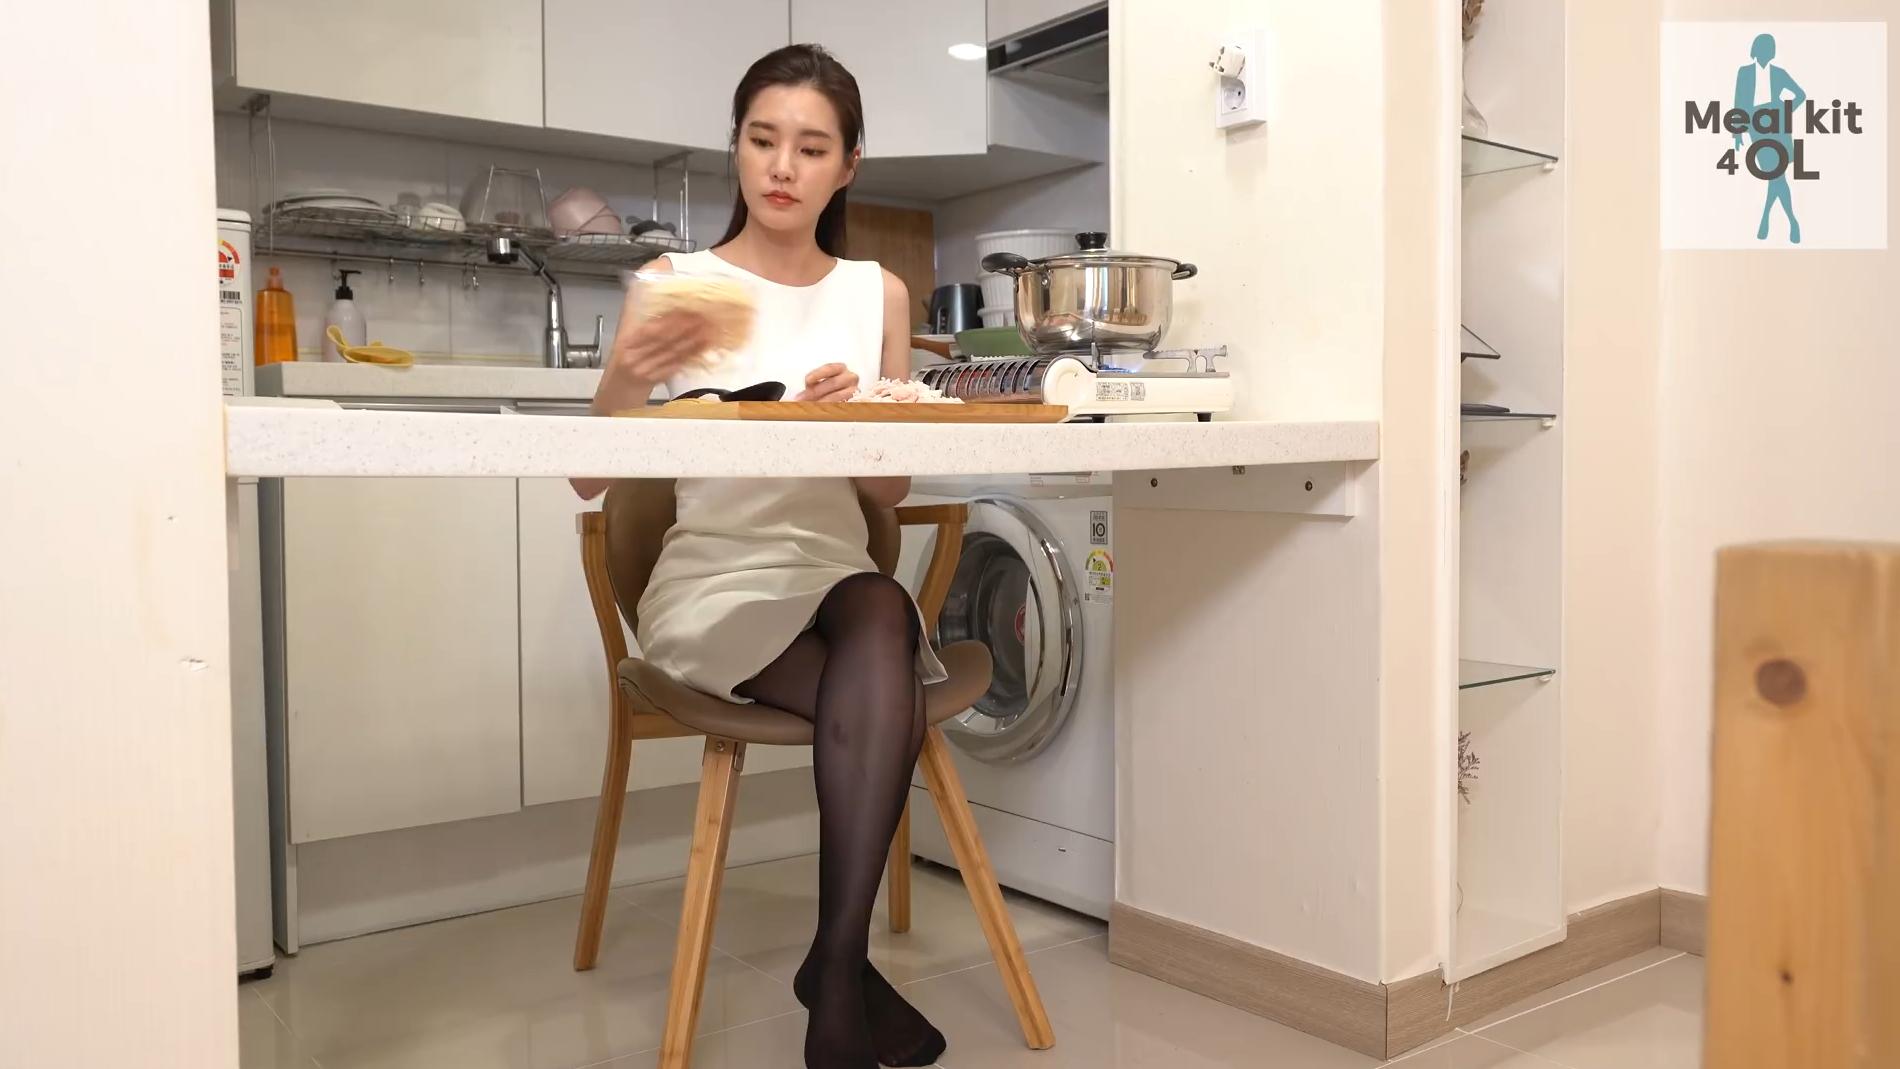 黑丝OL的下班生活~热腾腾的面条你们爱吃吗?